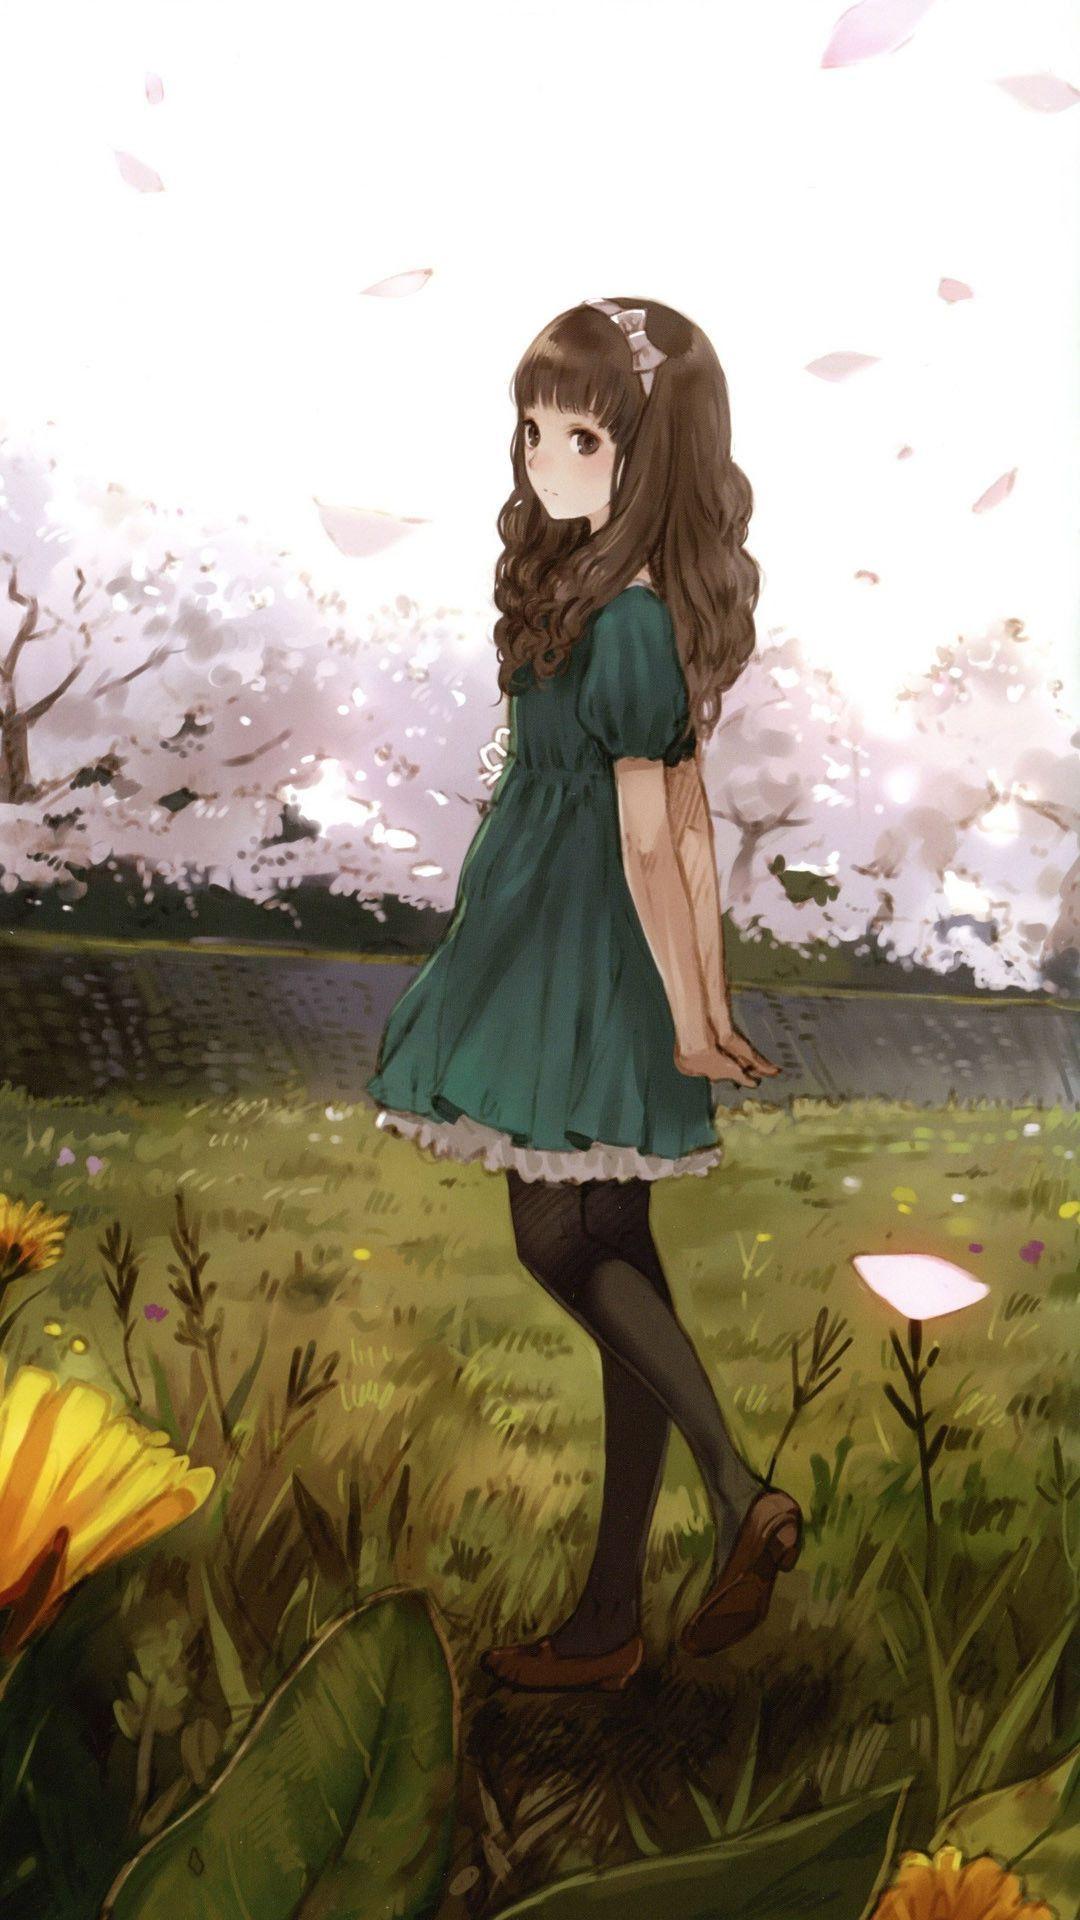 lonely girl mobile wallpaper 5806 anime pinterest